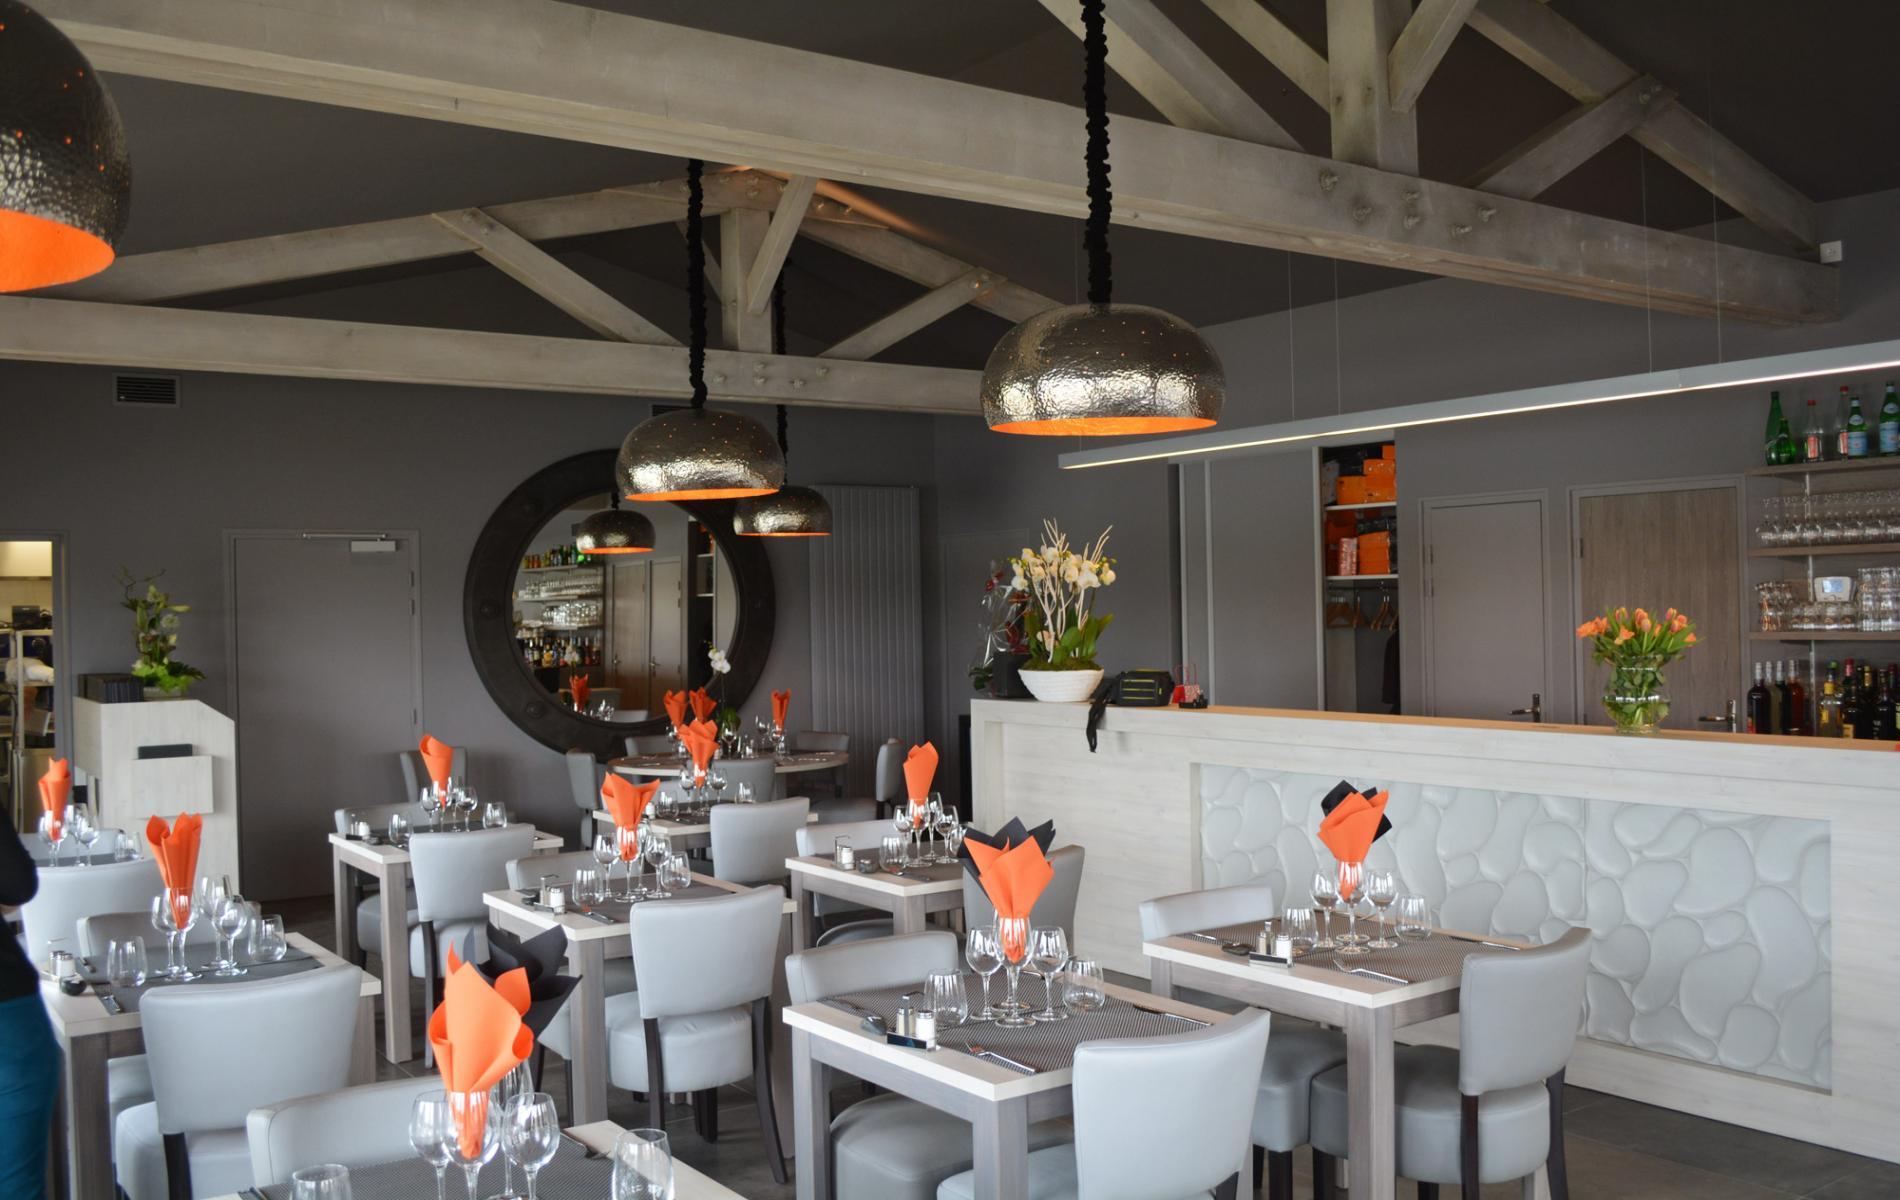 Salle de restaurant - Dégustation de l'île - Courseulles sur mer